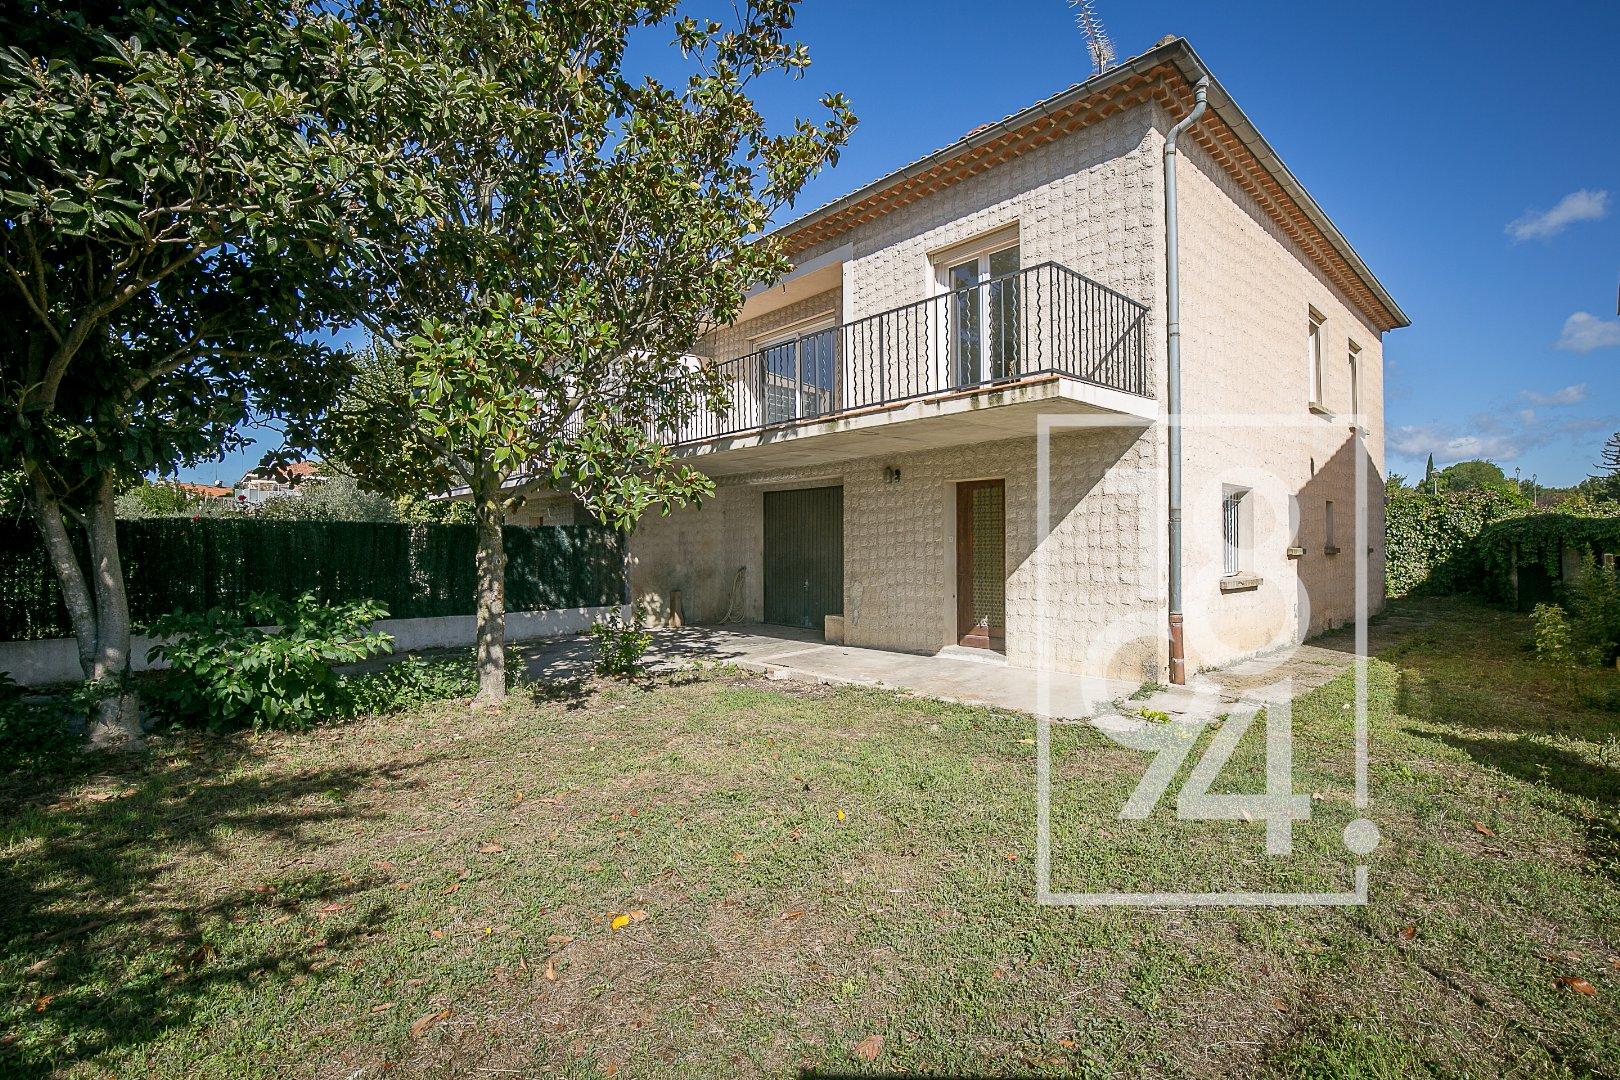 Maison T4 de 180 m² avec garage, cave, terrasse et jardin arboré à La Tour d'Aigues